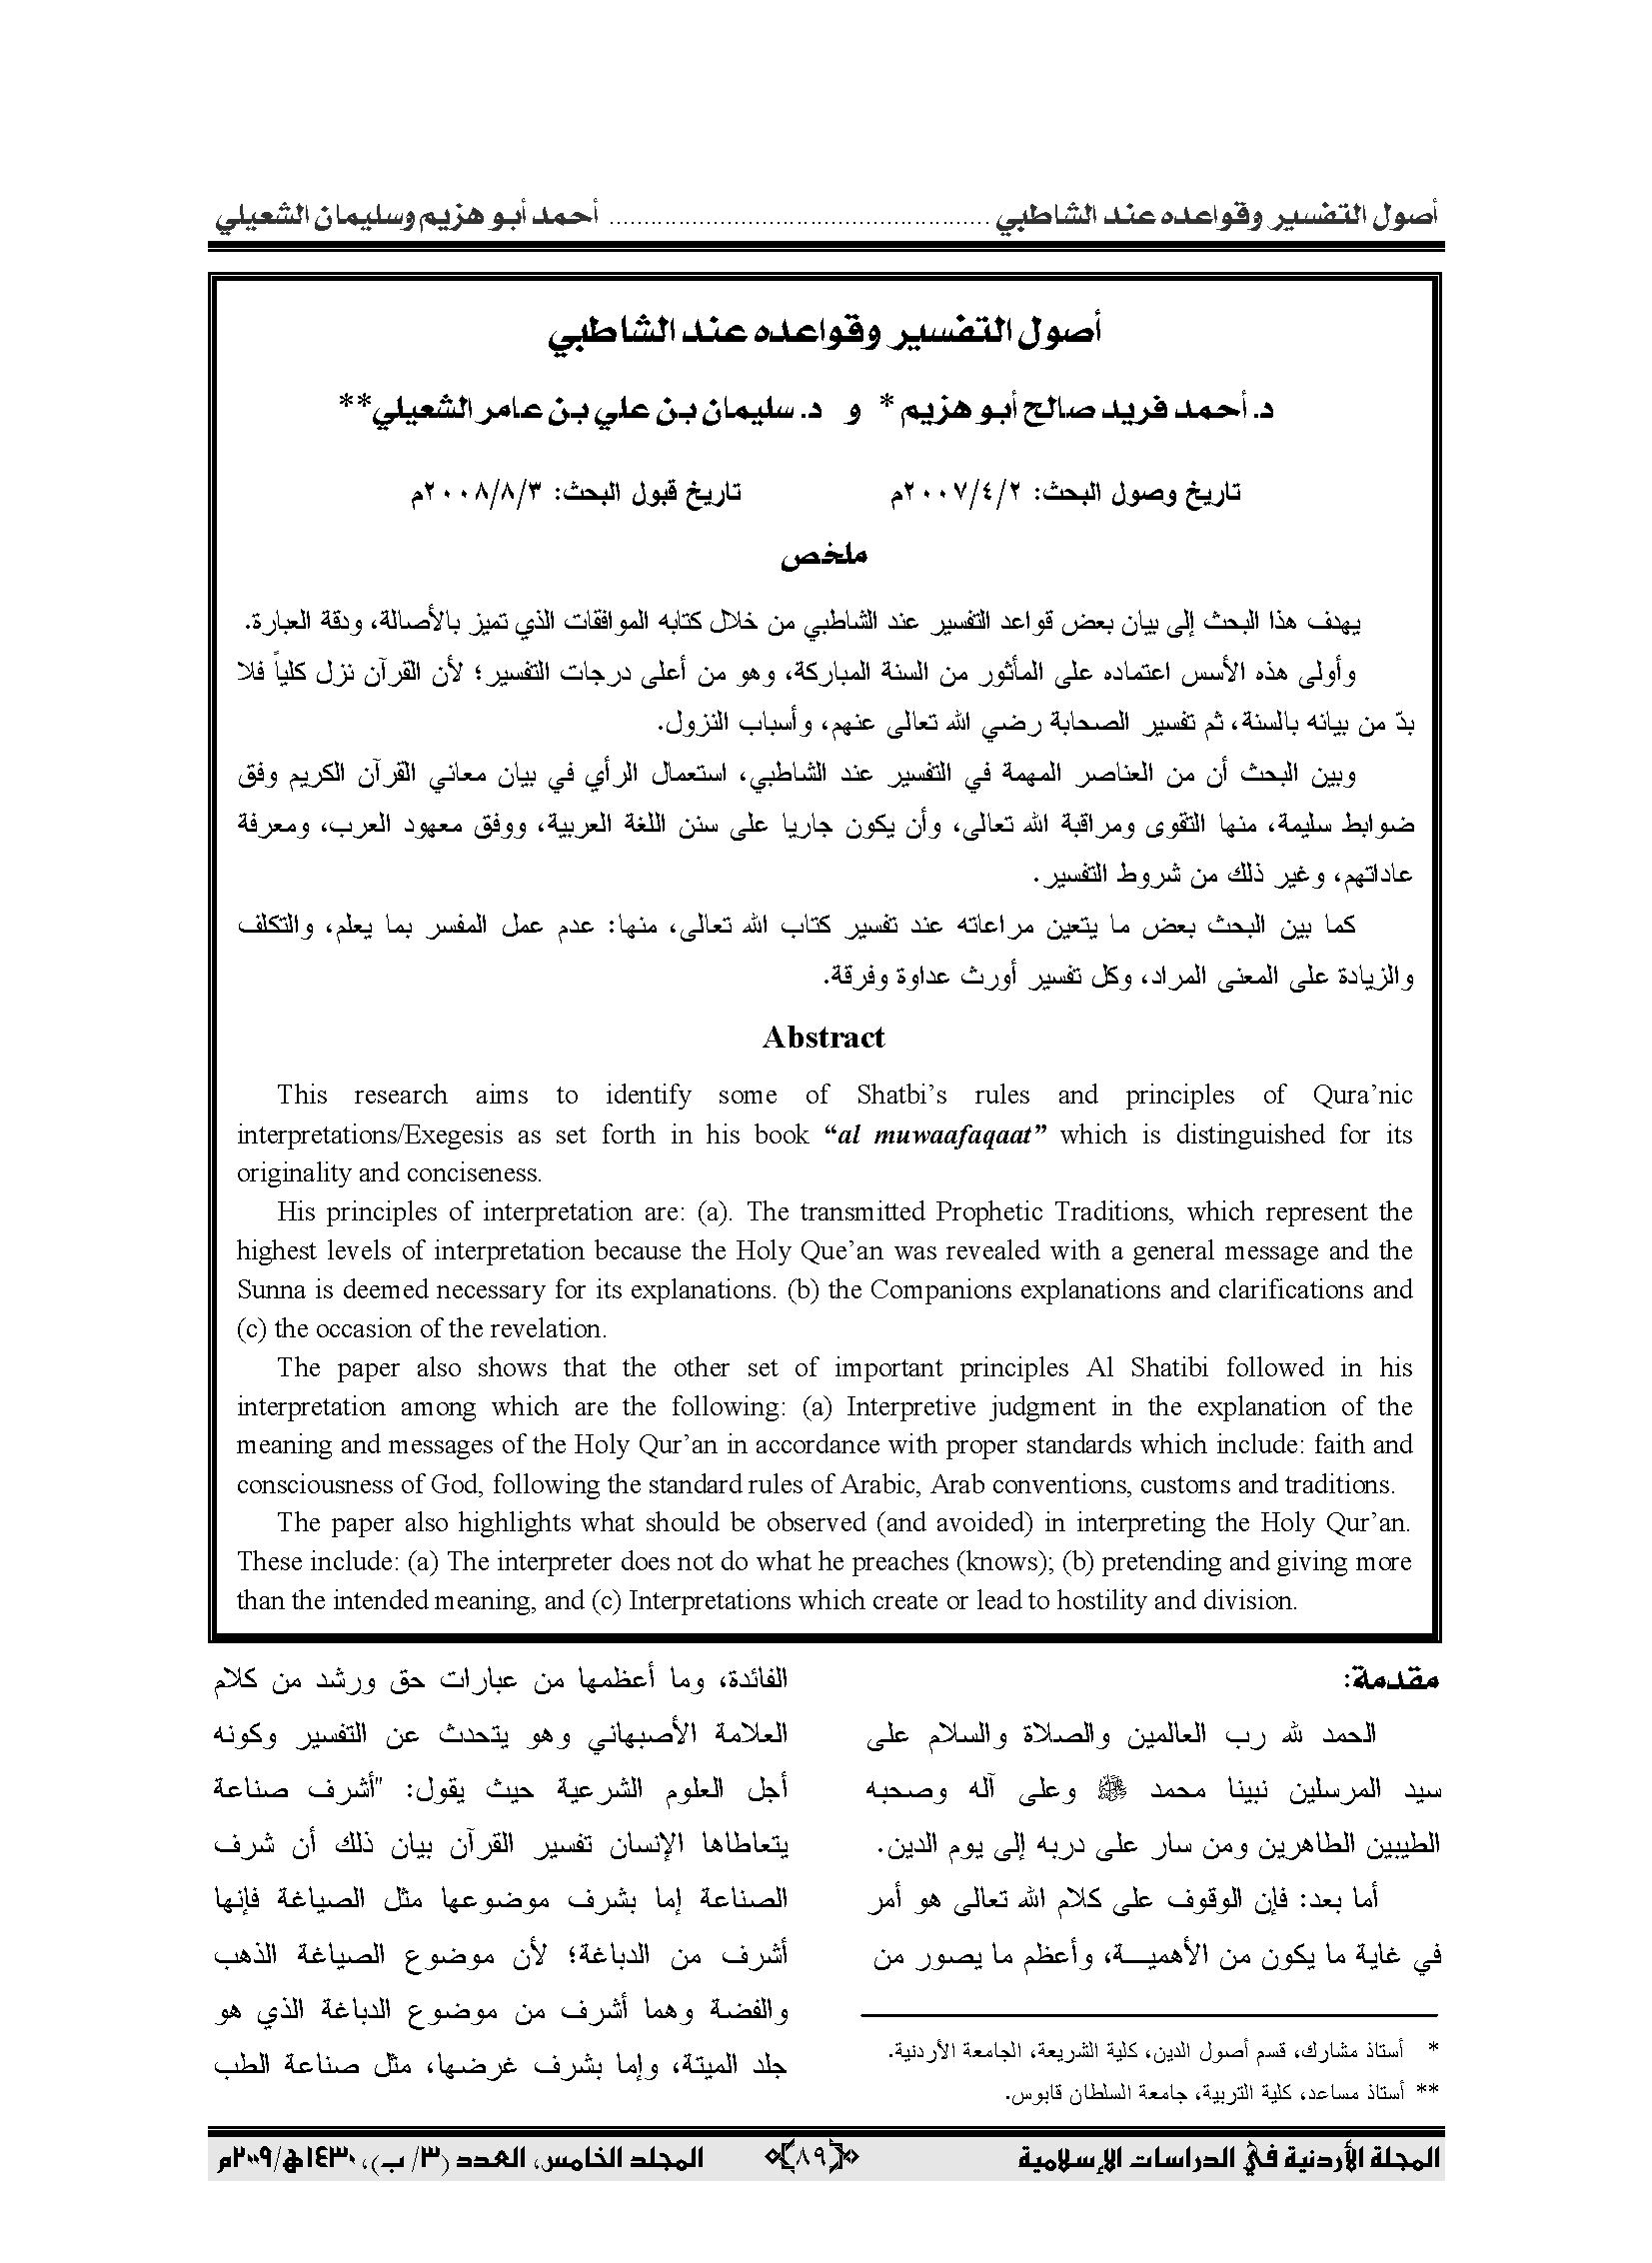 تحميل كتاب أصول التفسير وقواعده عند الشاطبي لـِ: الدكتور أحمد فريد صالح أبو هزيم